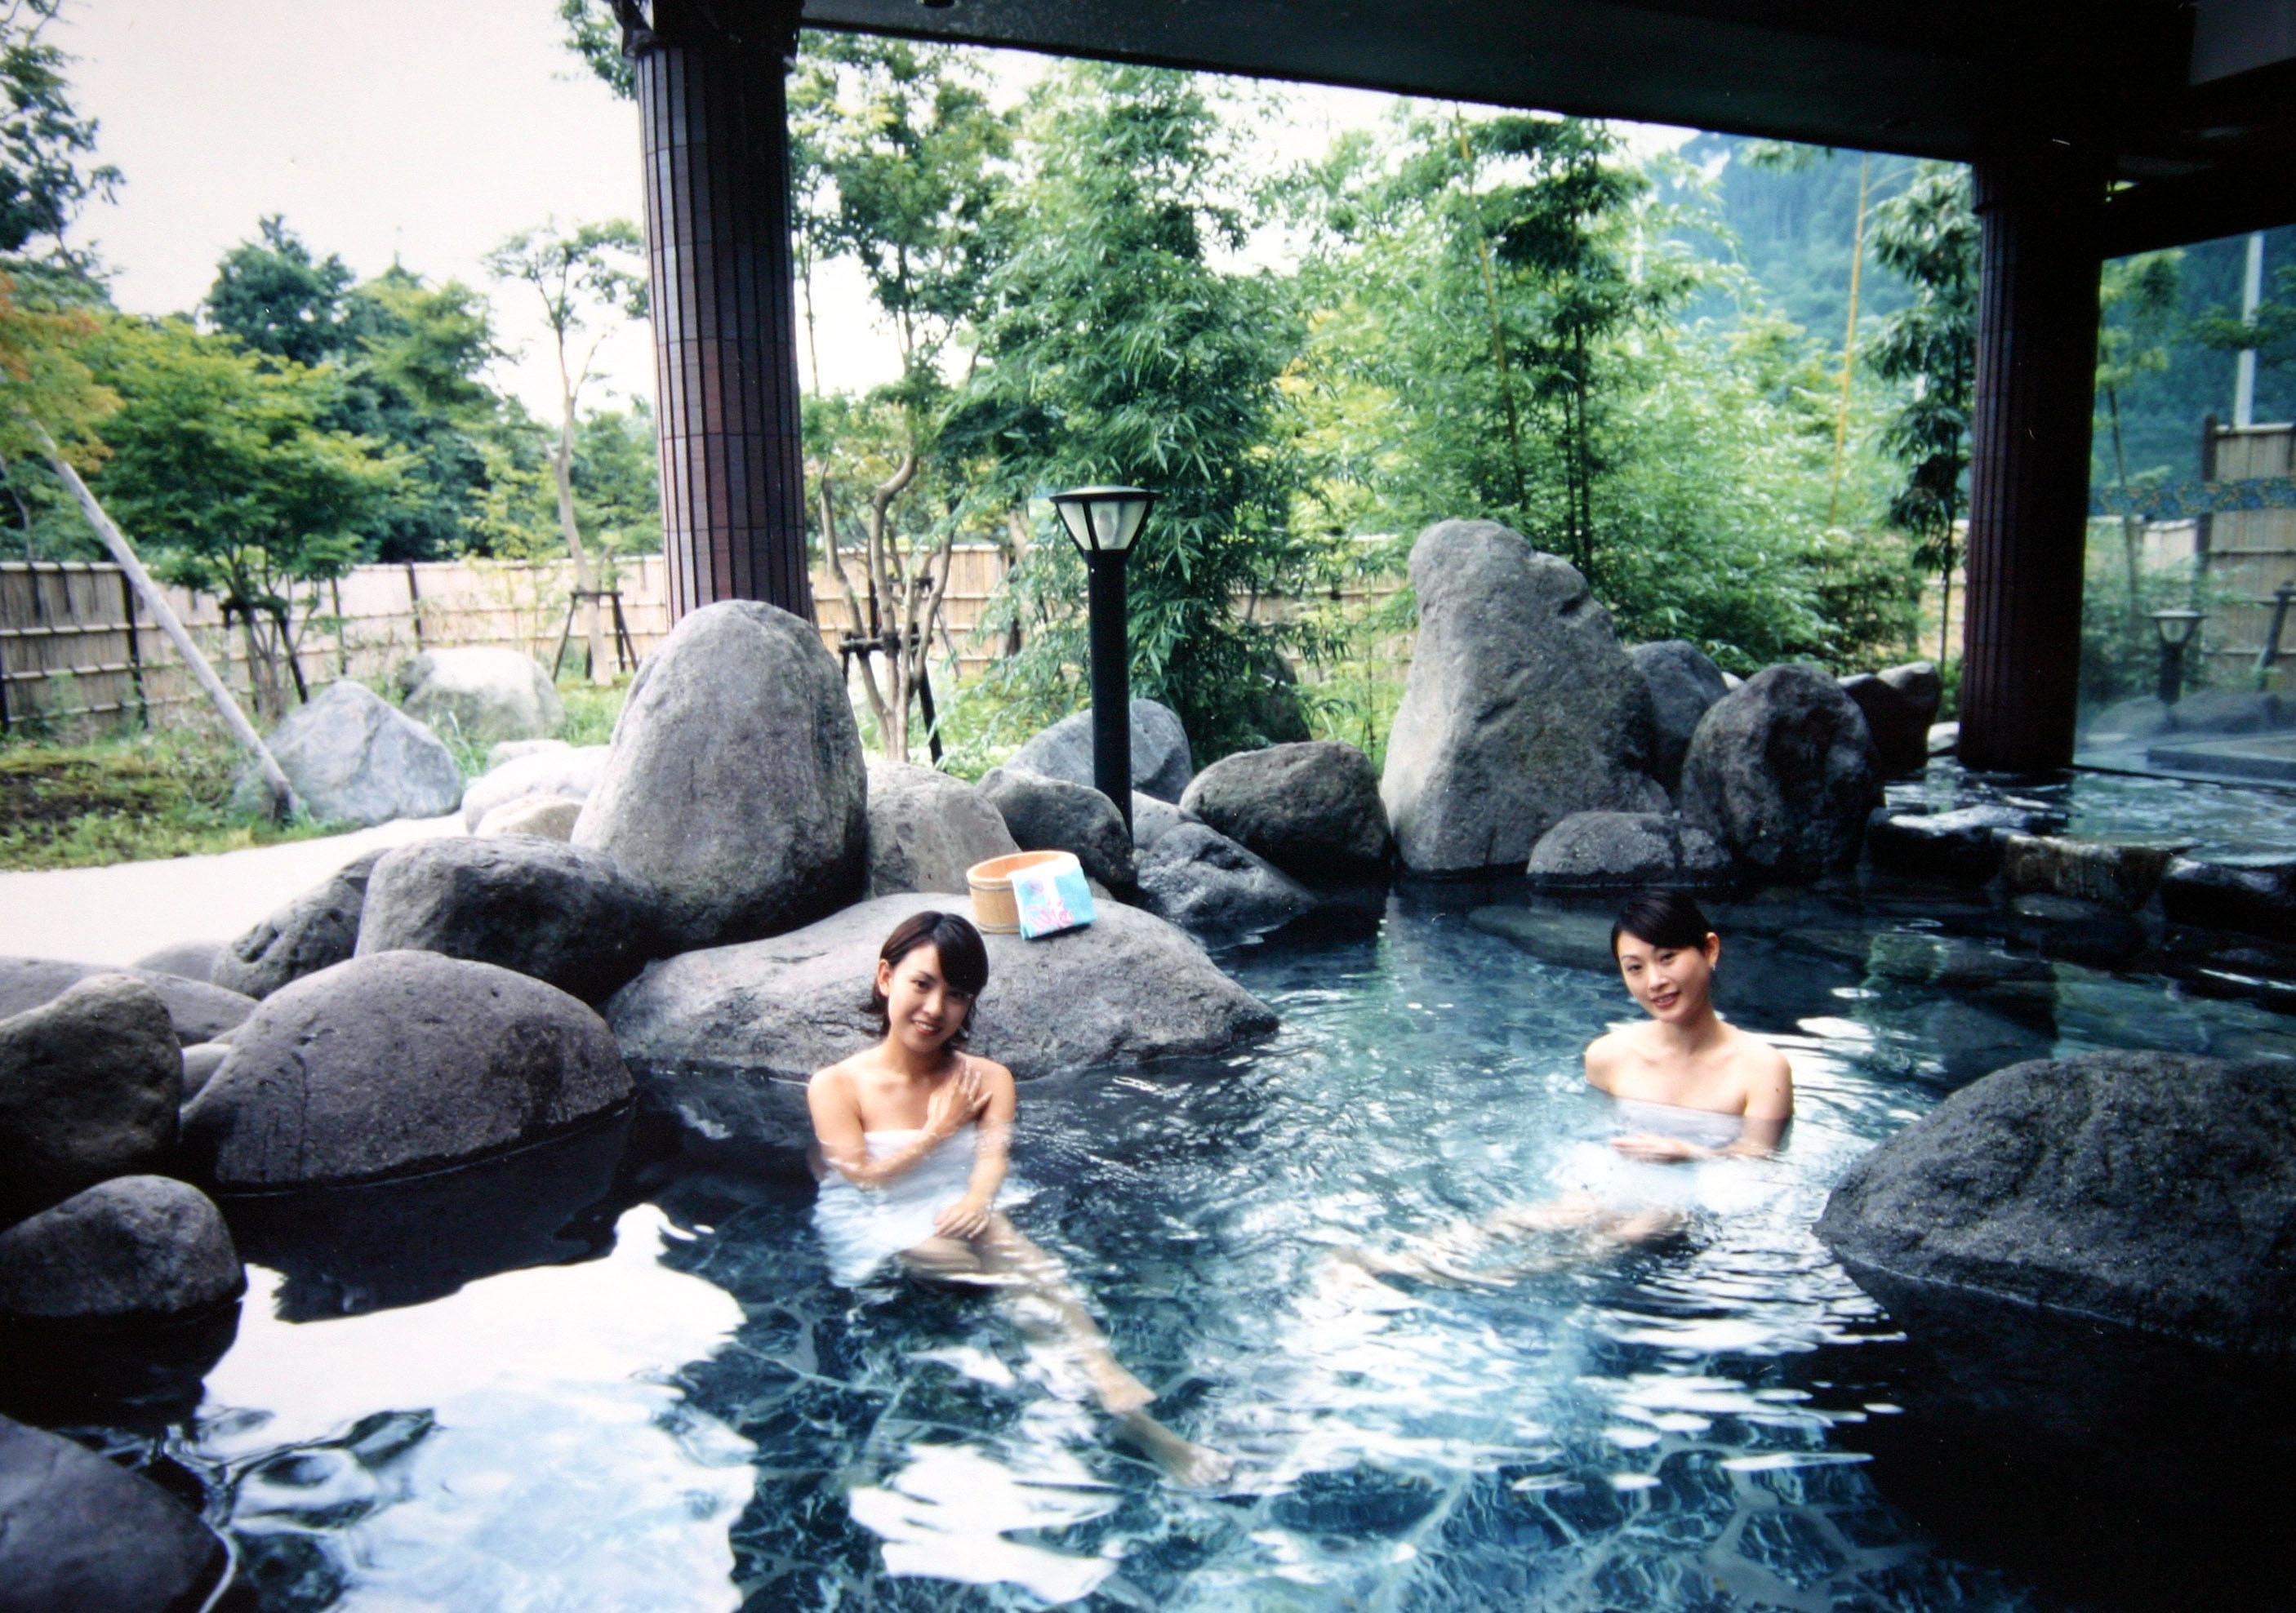 楽しみにしていた温泉旅行!!でも生理が来ちゃった!!どうする?のサムネイル画像